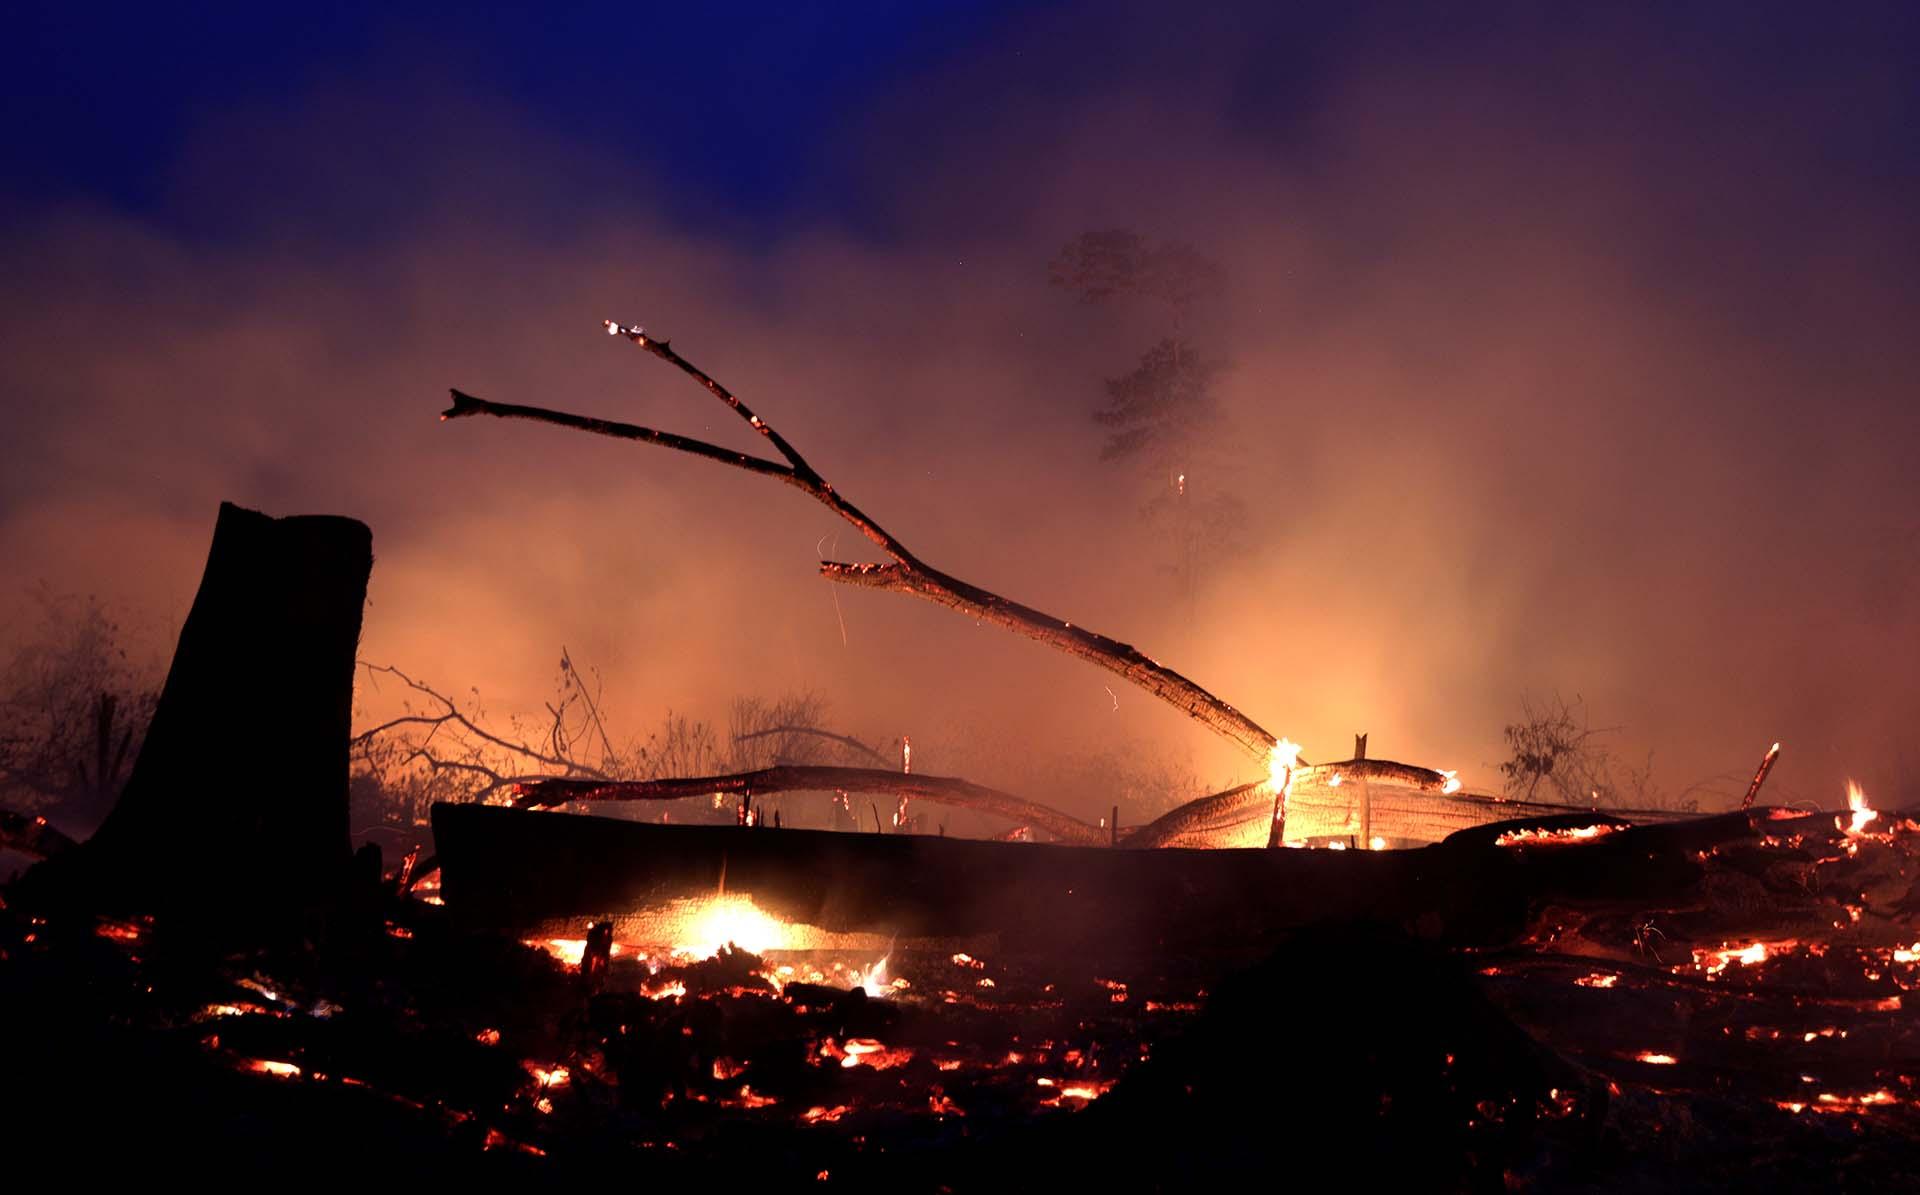 El fuego se expandió en Machadino do Oeste, en Rondonia, cuando un agricultor local limpiaba esa zona amazónica